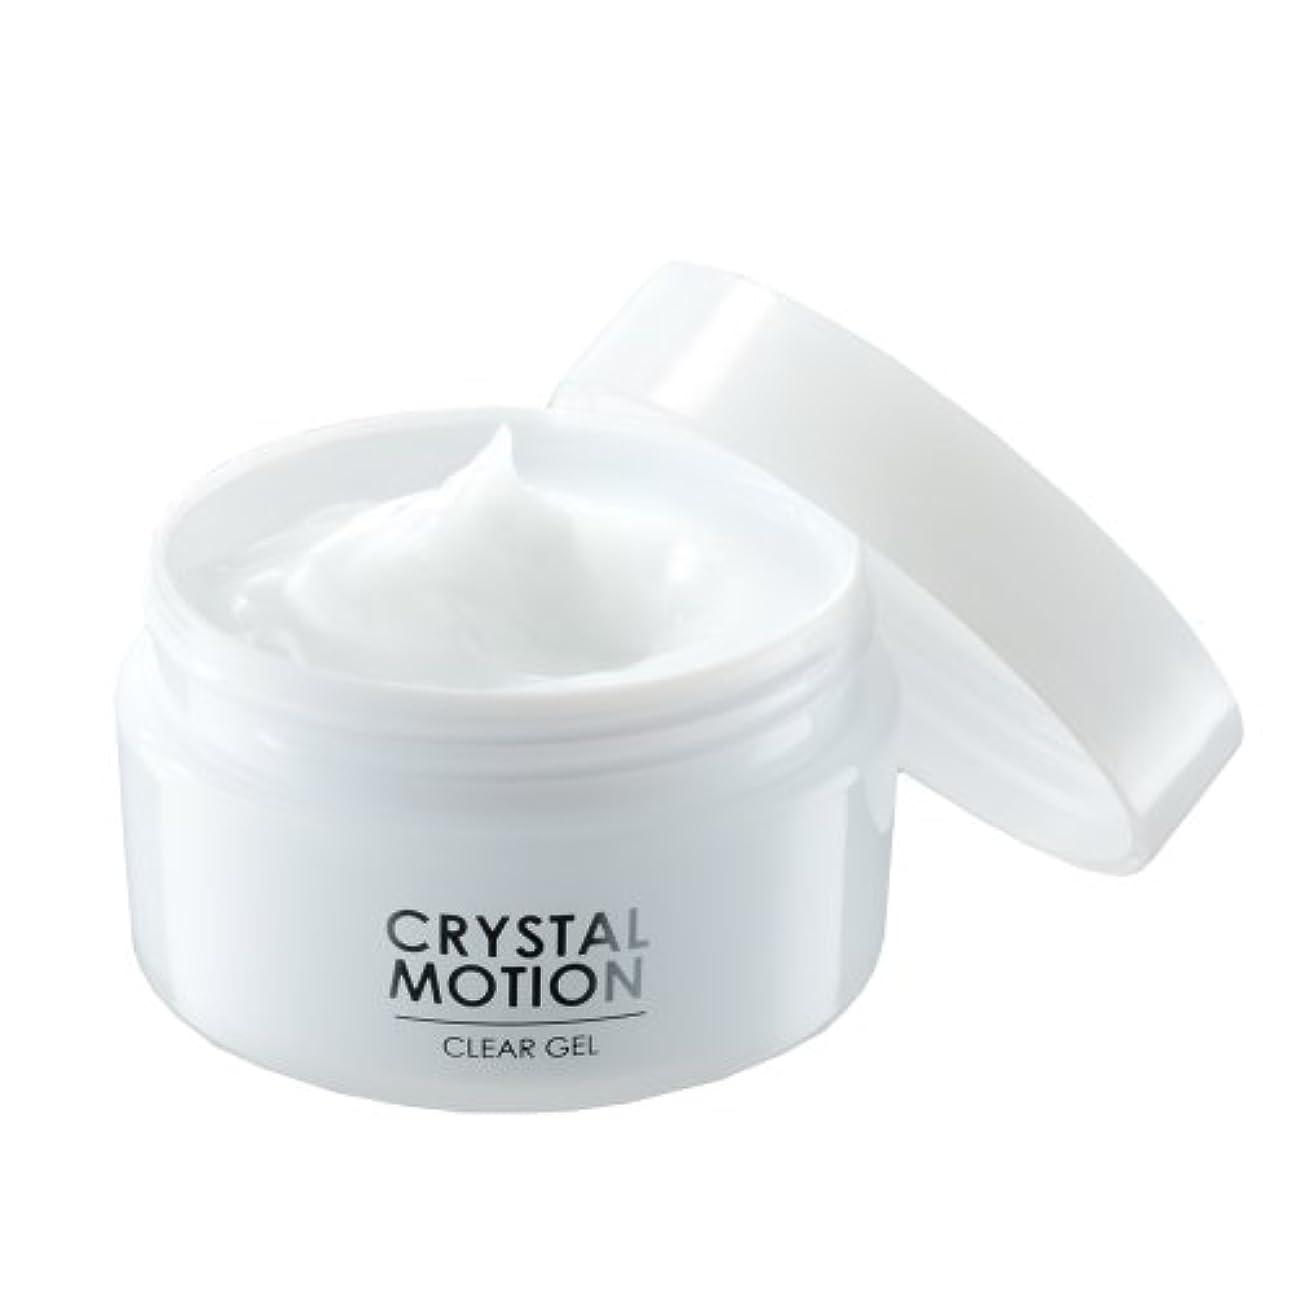 まさにから聞く請うクリスタルモーション CRYSTAL MOTION 薬用ニキビケアジェル 保湿 乾燥 美白 美肌 ニキビ 予防 1ヶ月分 60g